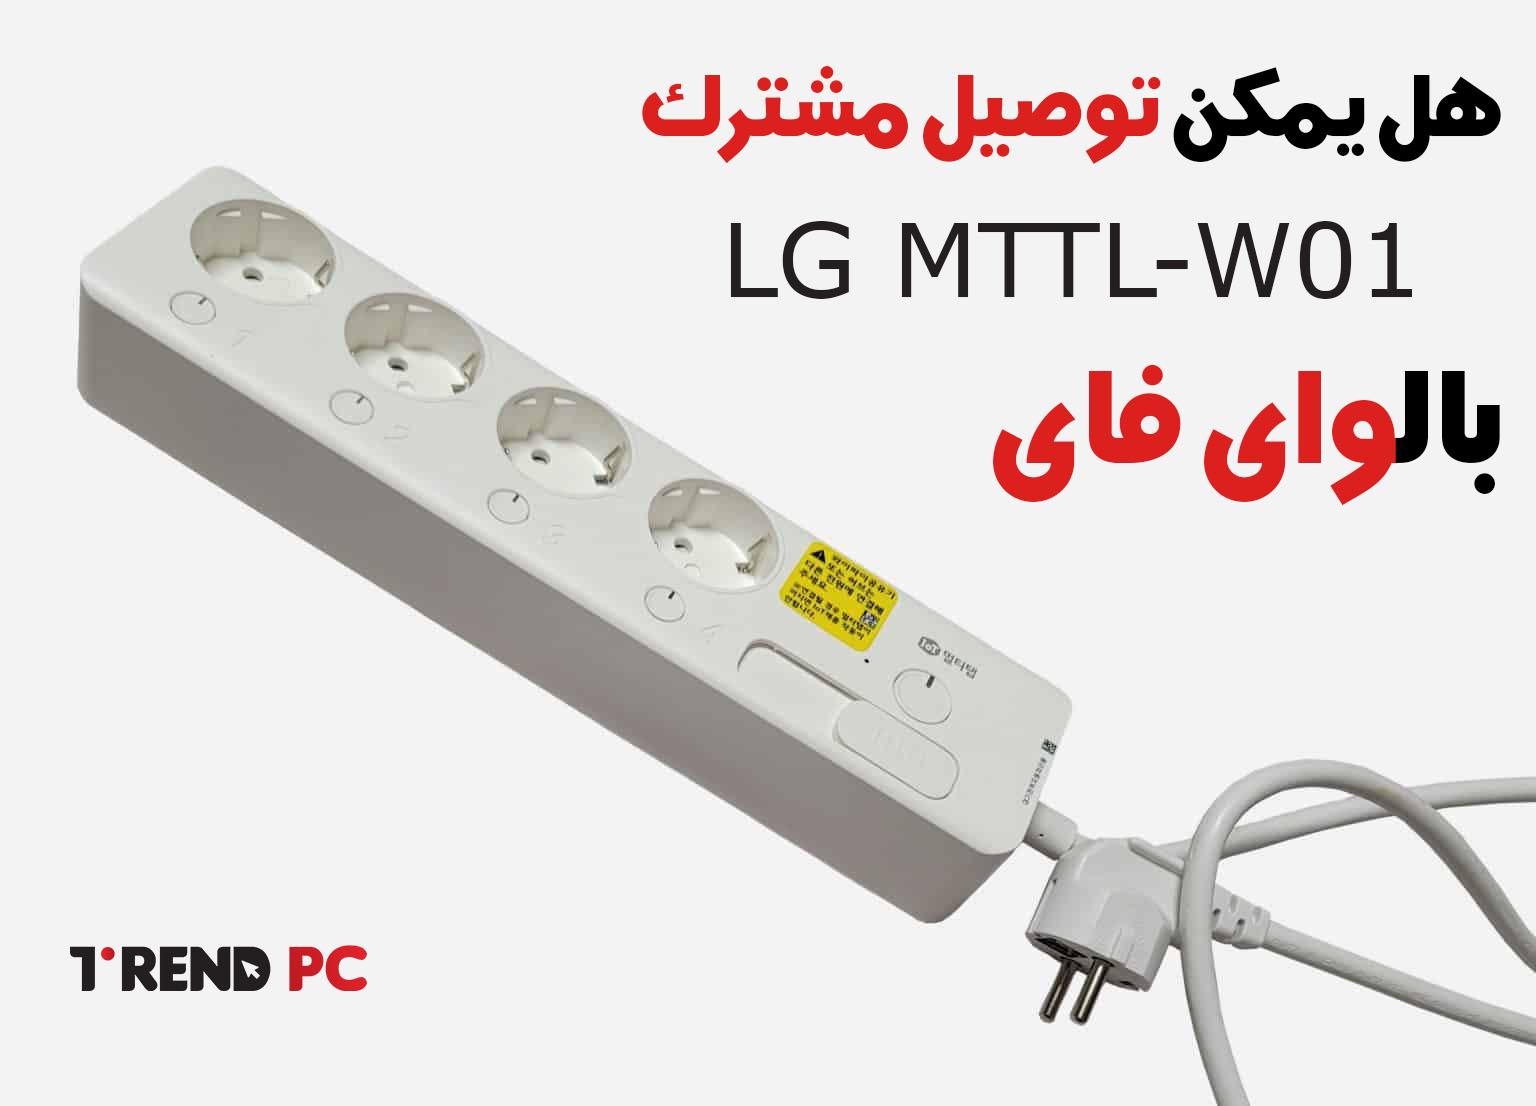 هل يمكن توصيل مشترك LG MTTL-W01 بالواى فاى ؟